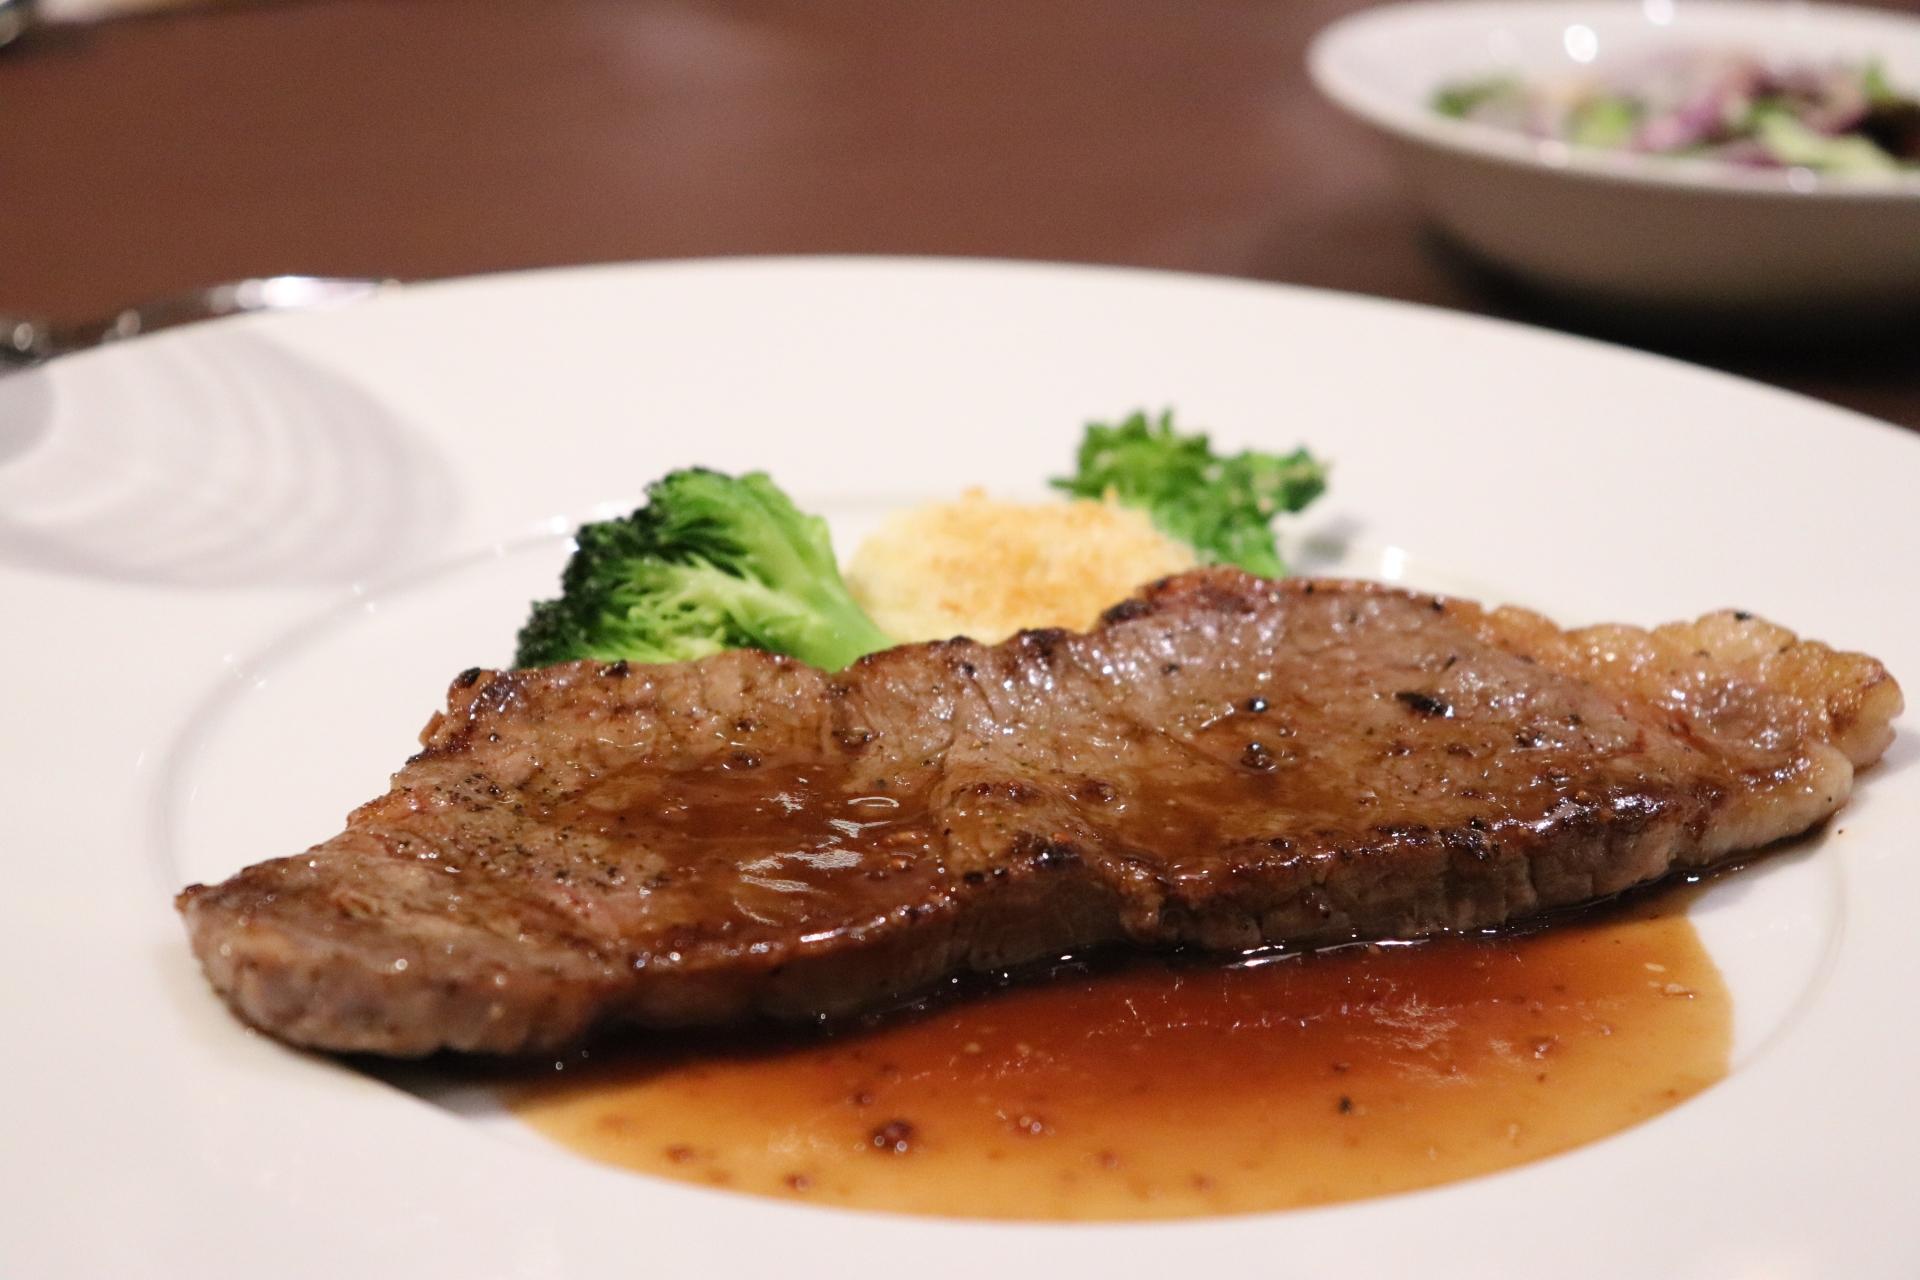 吉祥寺の葡萄屋はステーキの老舗!炭火焼きの美味しいお肉を堪能しよう!